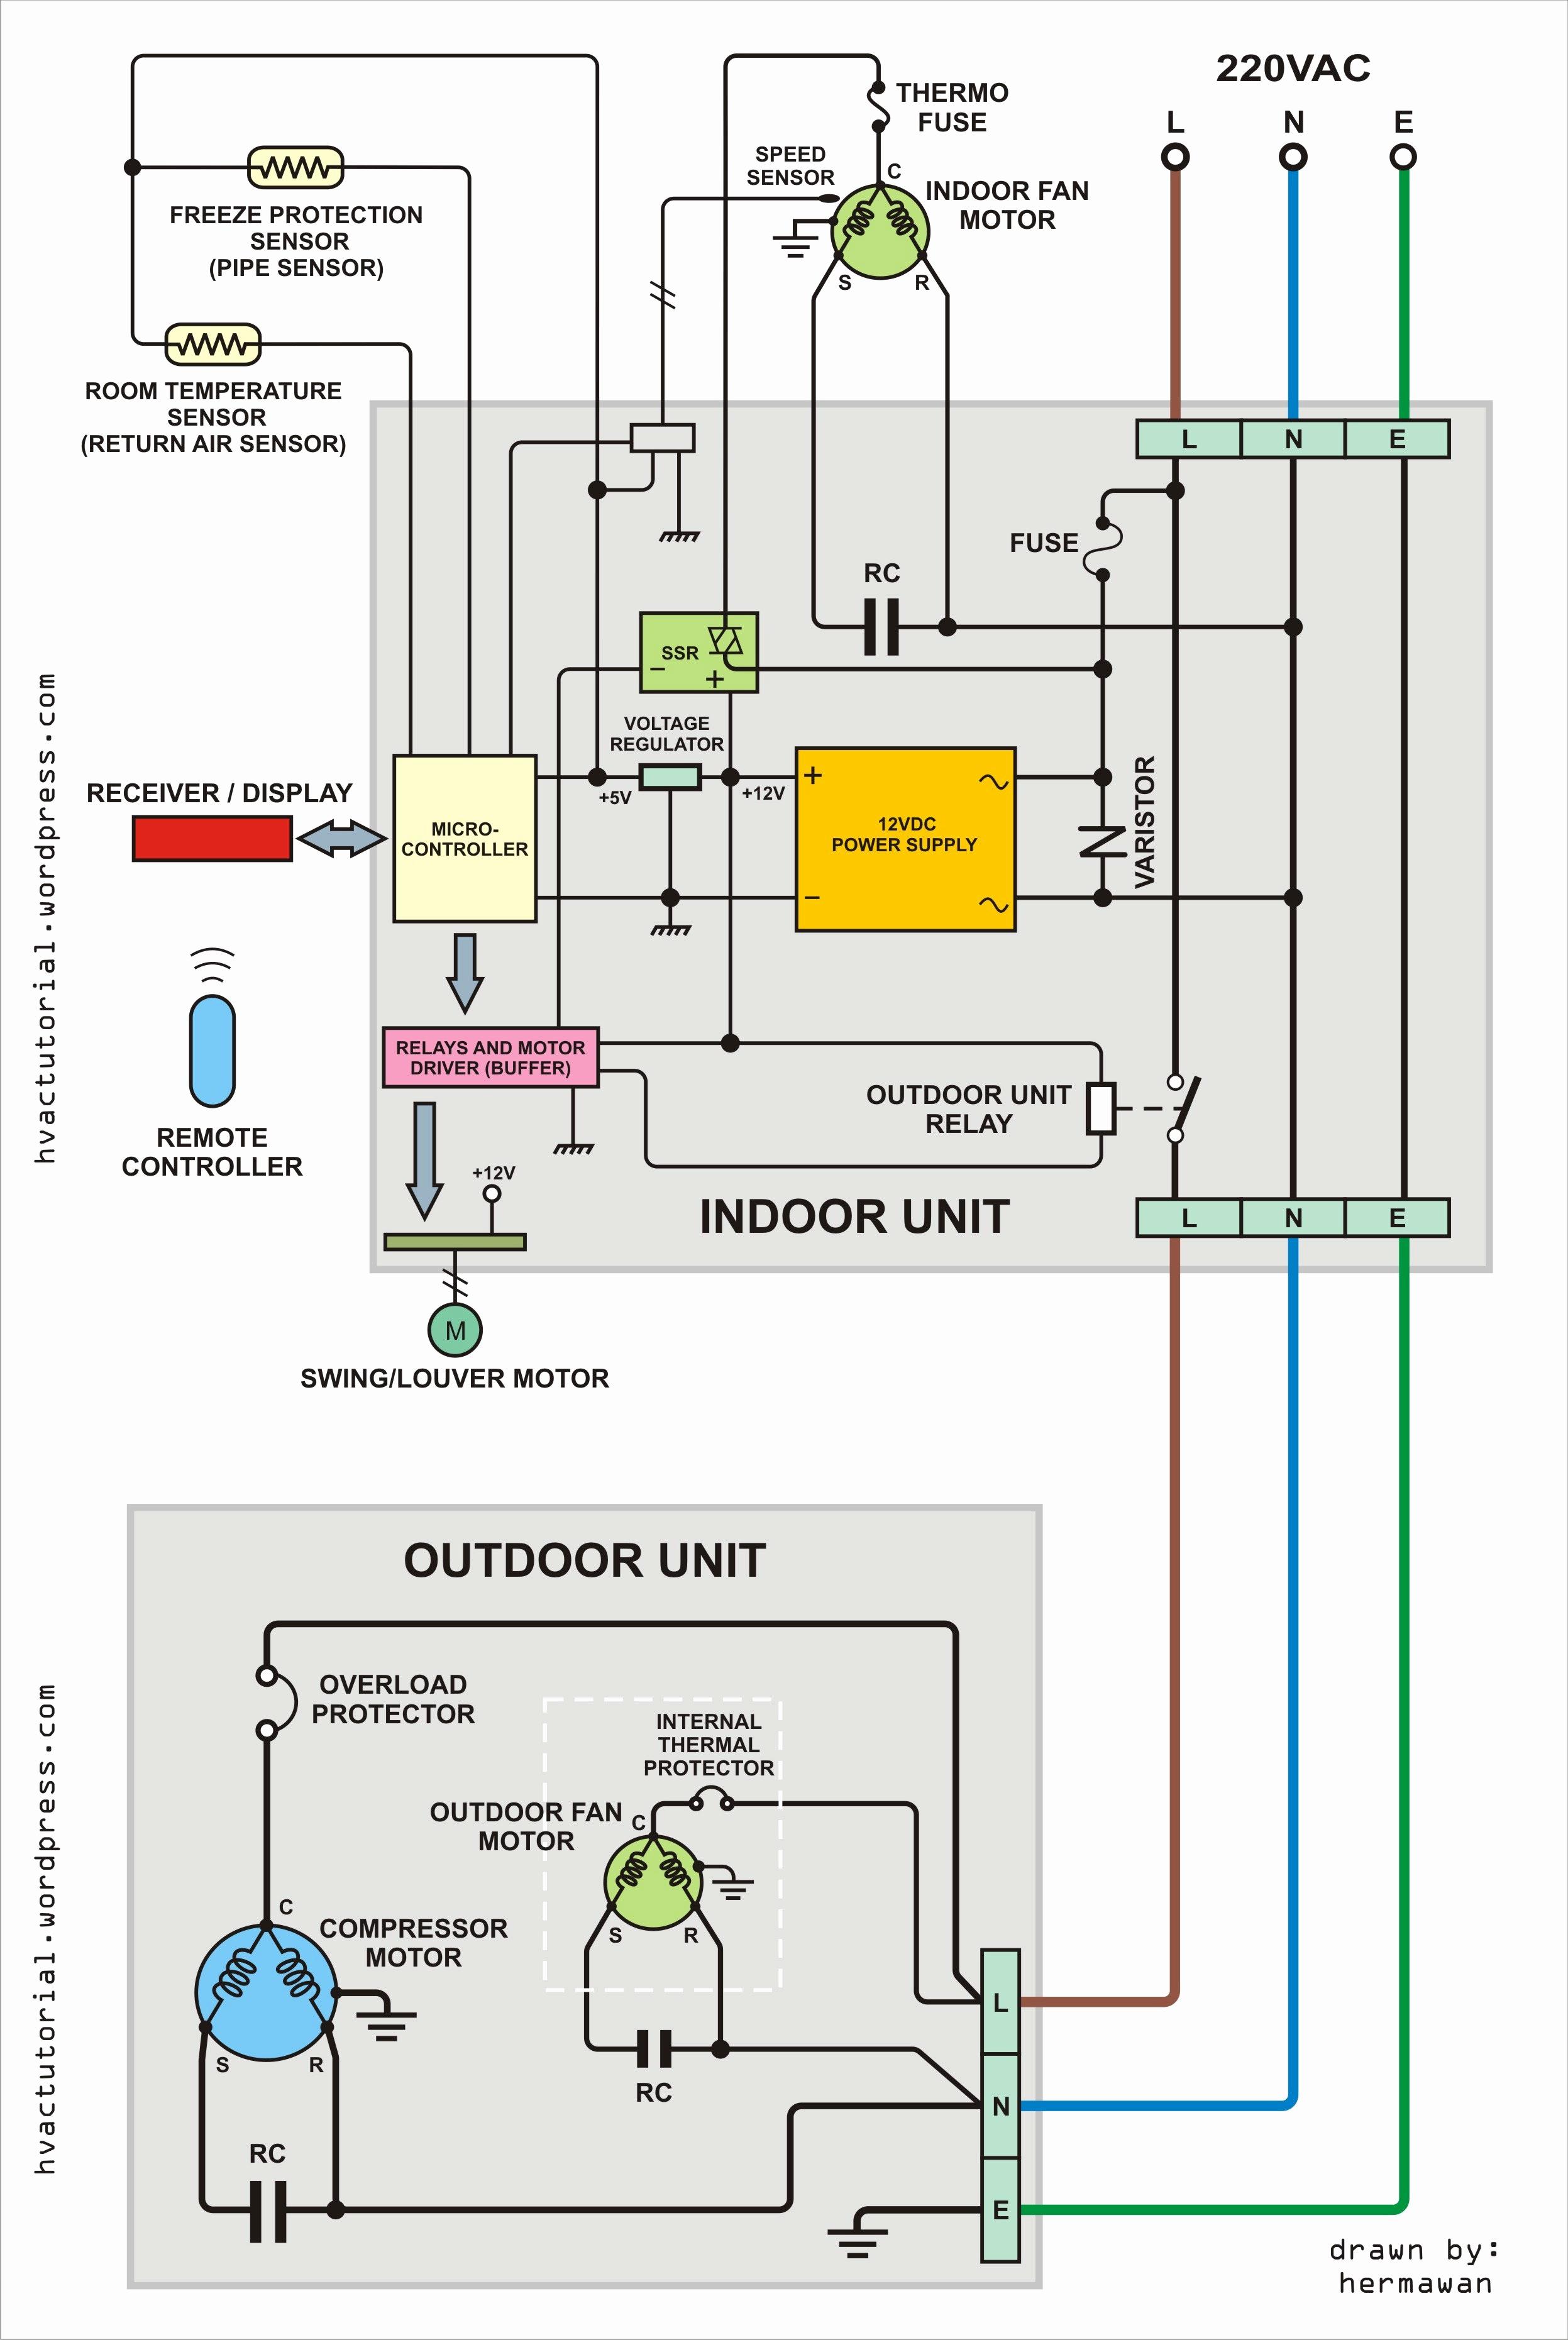 3 Ton Ac Wiring - Wiring Diagrams Hubs - Ac Wiring Diagram